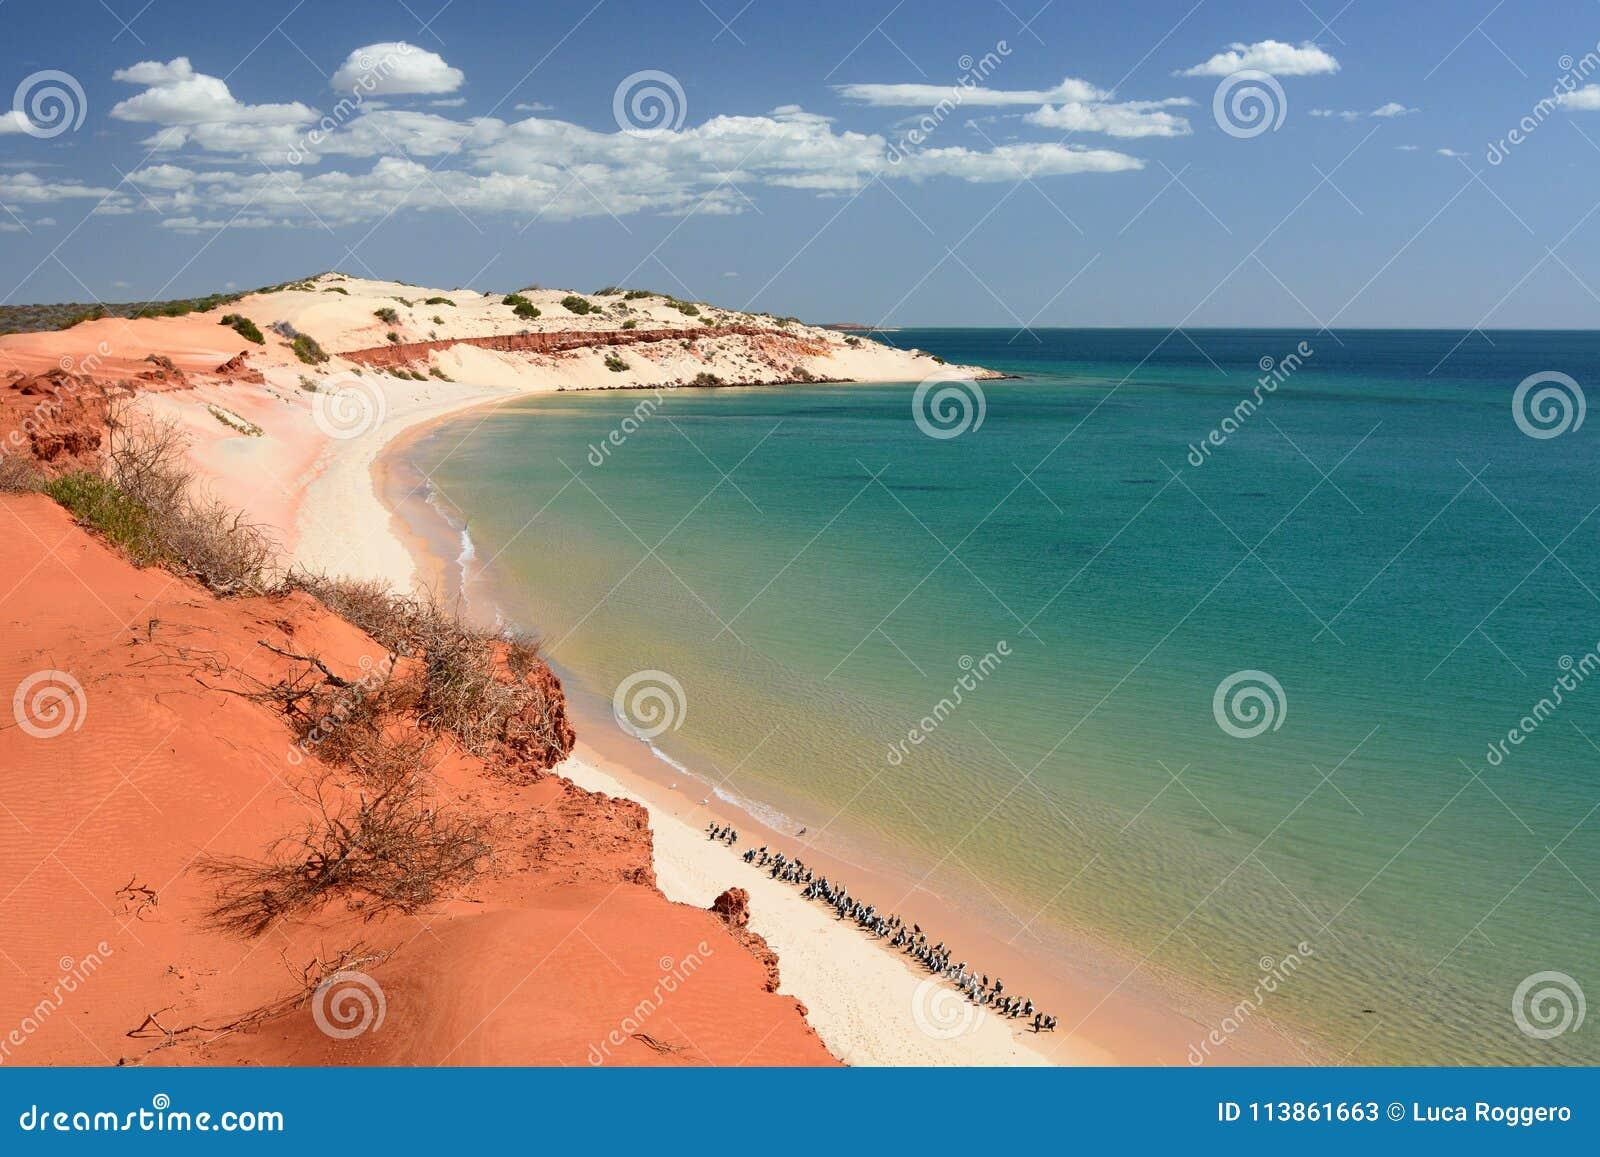 从海角庇隆的全景 François庇隆国家公园 鲨鱼湾 澳大利亚西部